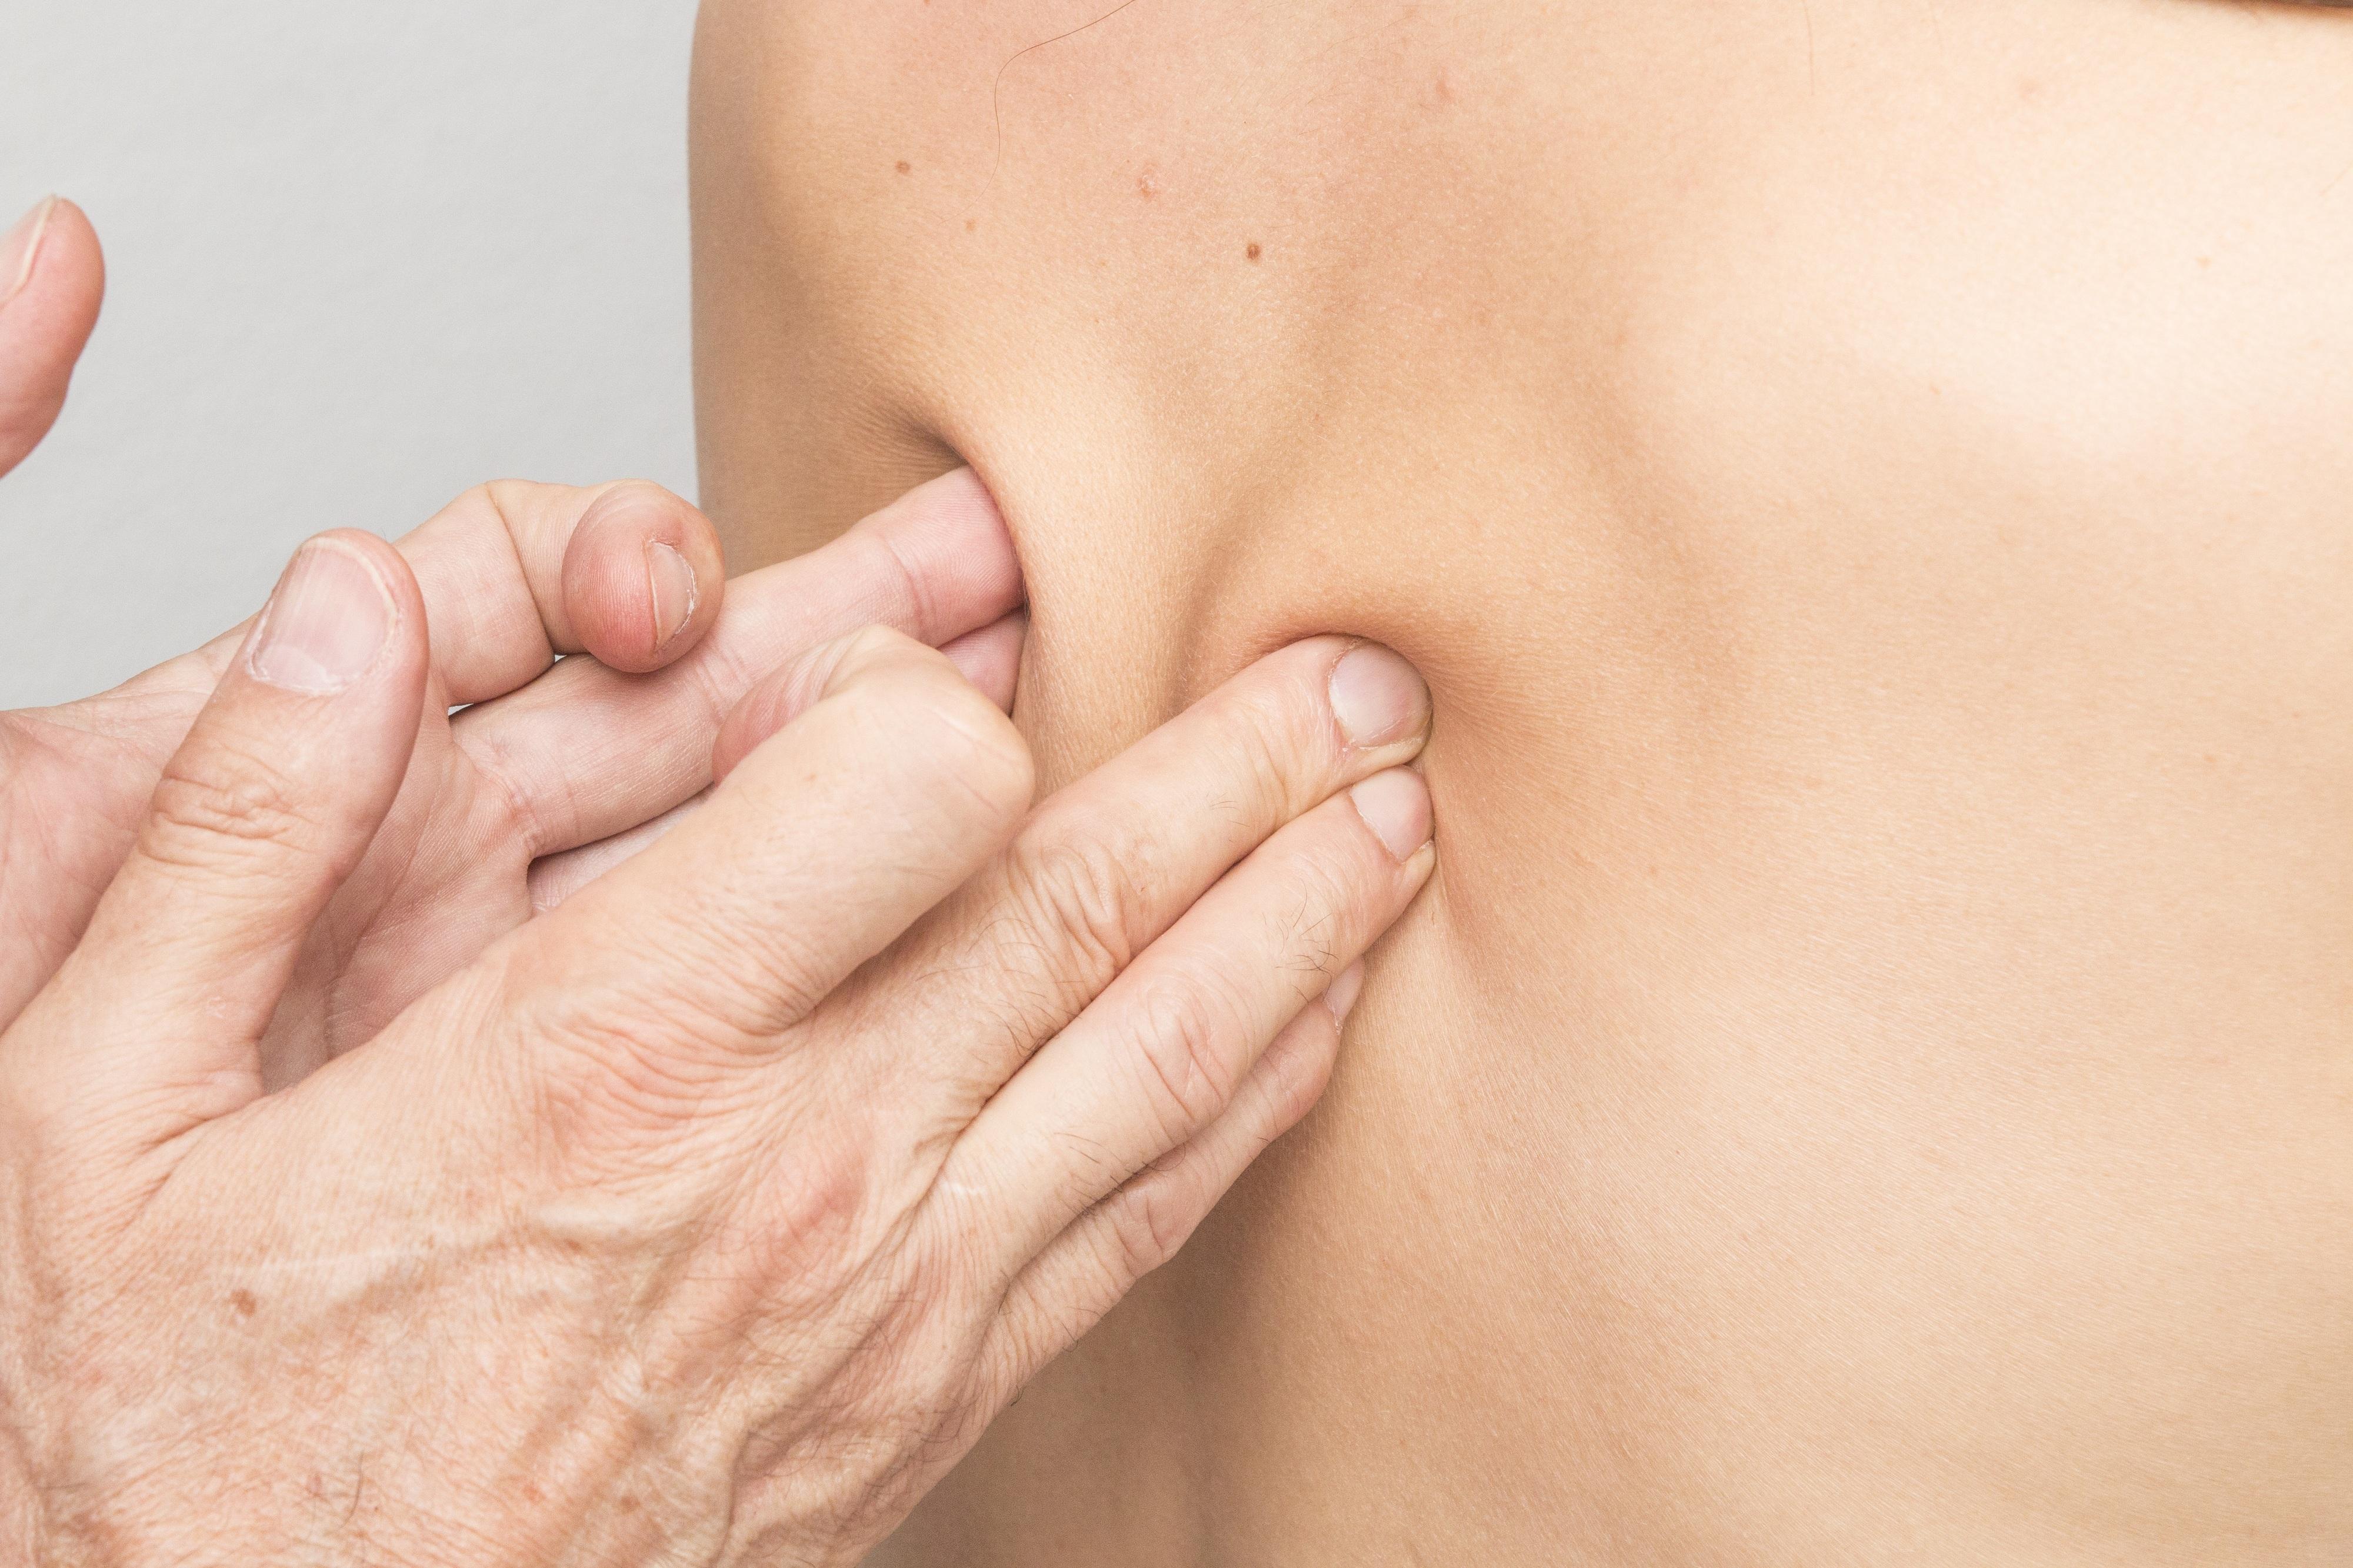 Desvalorizar a dor nas costas pode levar a incapacidade crónica, alerta médico